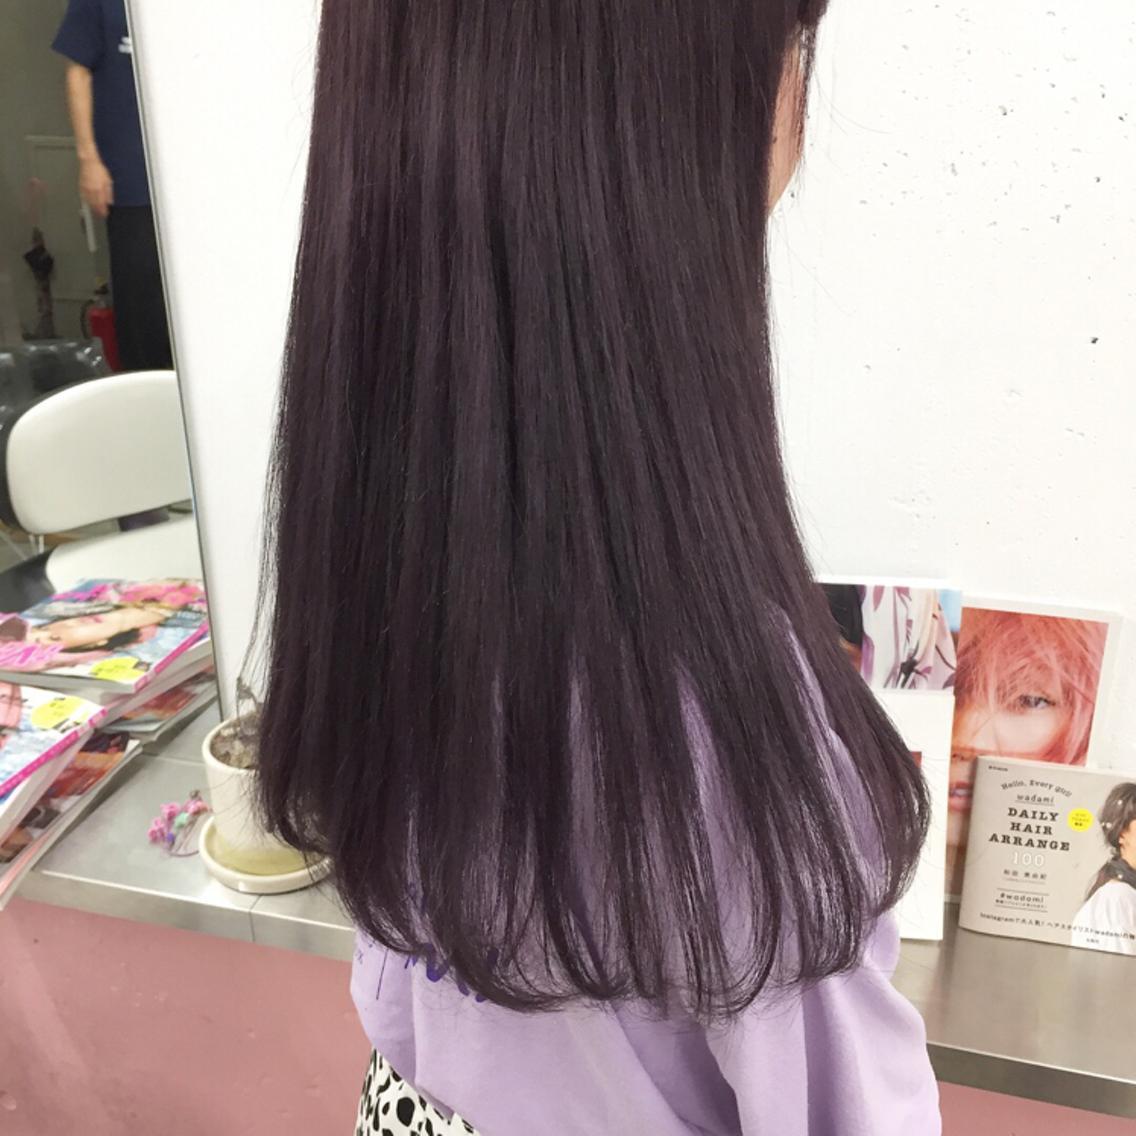 【吉祥寺】【2月25日 】カットモデルさん大募集✨✨料金0円!